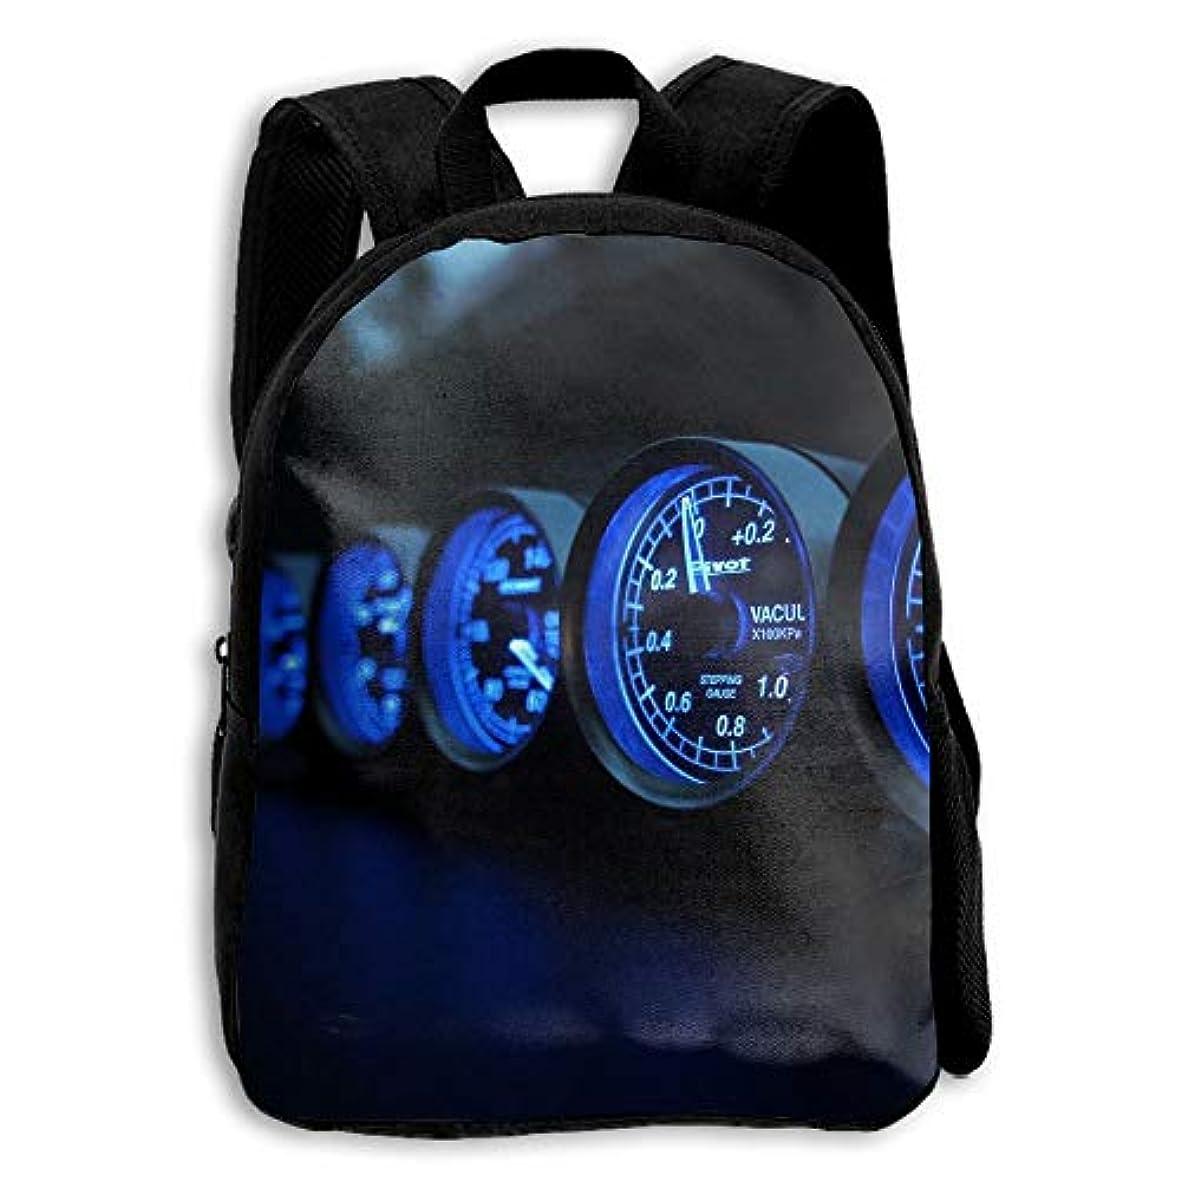 フライトさびたバーキッズ バックパック 子供用 リュックサック スピードメーター 速度計 ショルダー デイパック アウトドア 男の子 女の子 通学 旅行 遠足